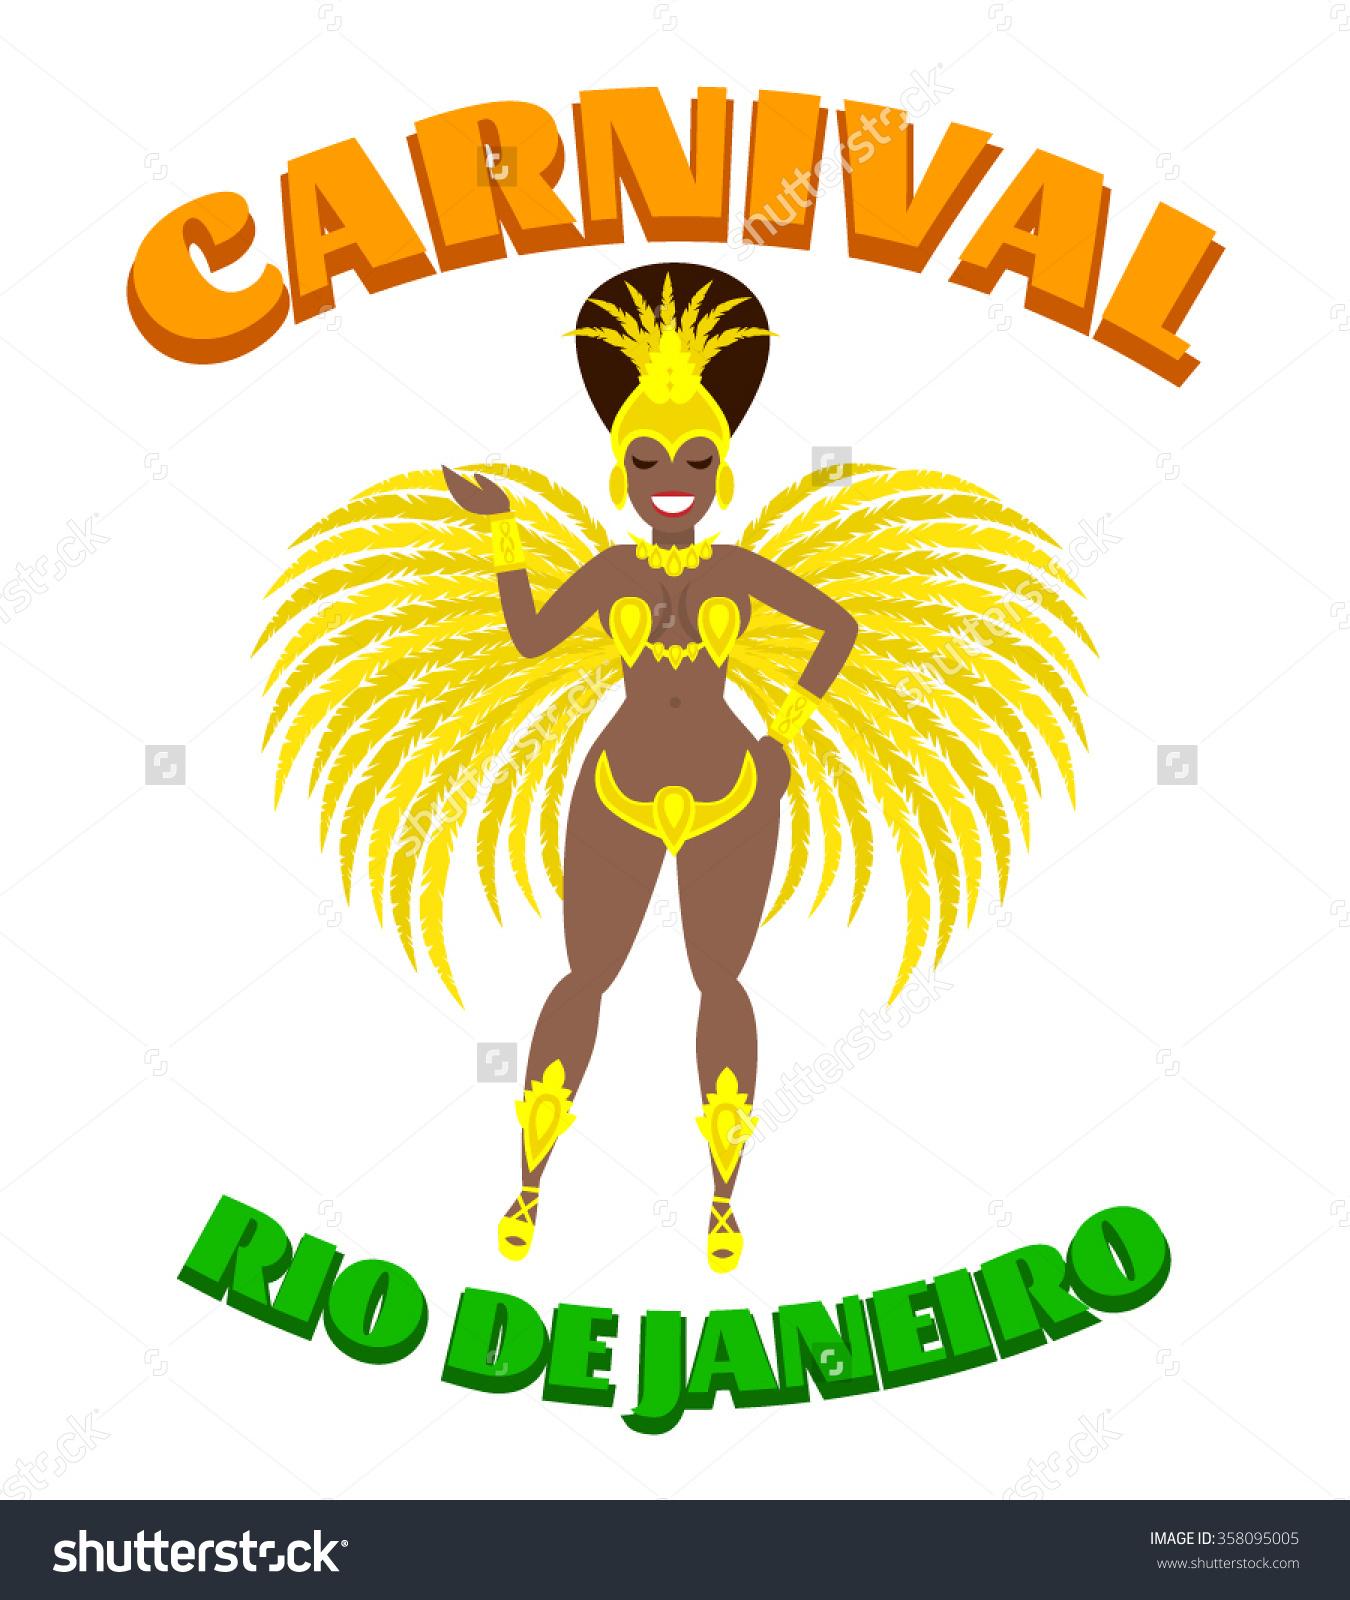 Rio De Janeiro clipart Brazil clipart Carnival Samba Dancer